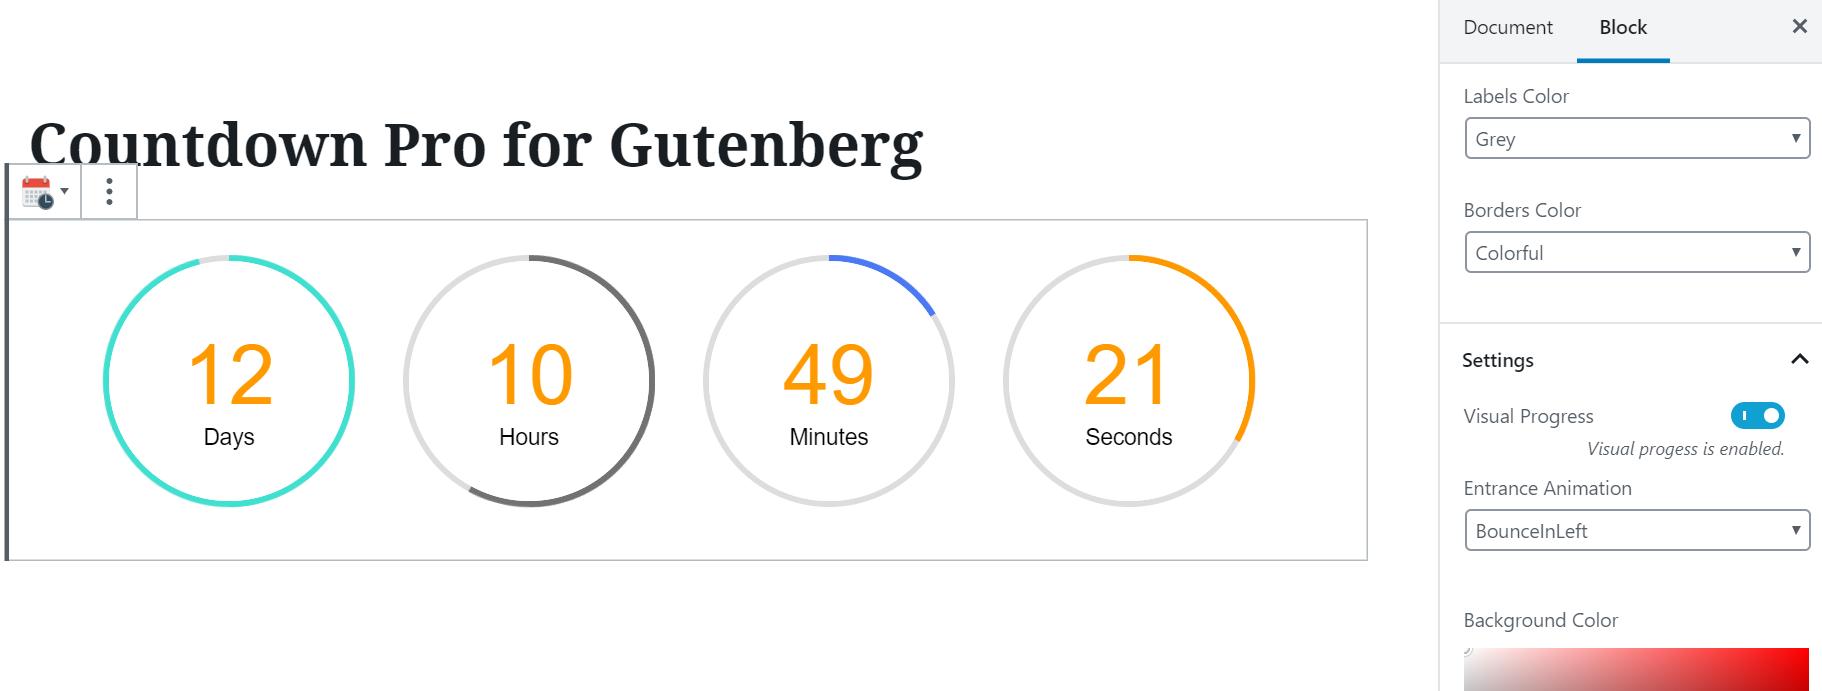 Countdown block settings